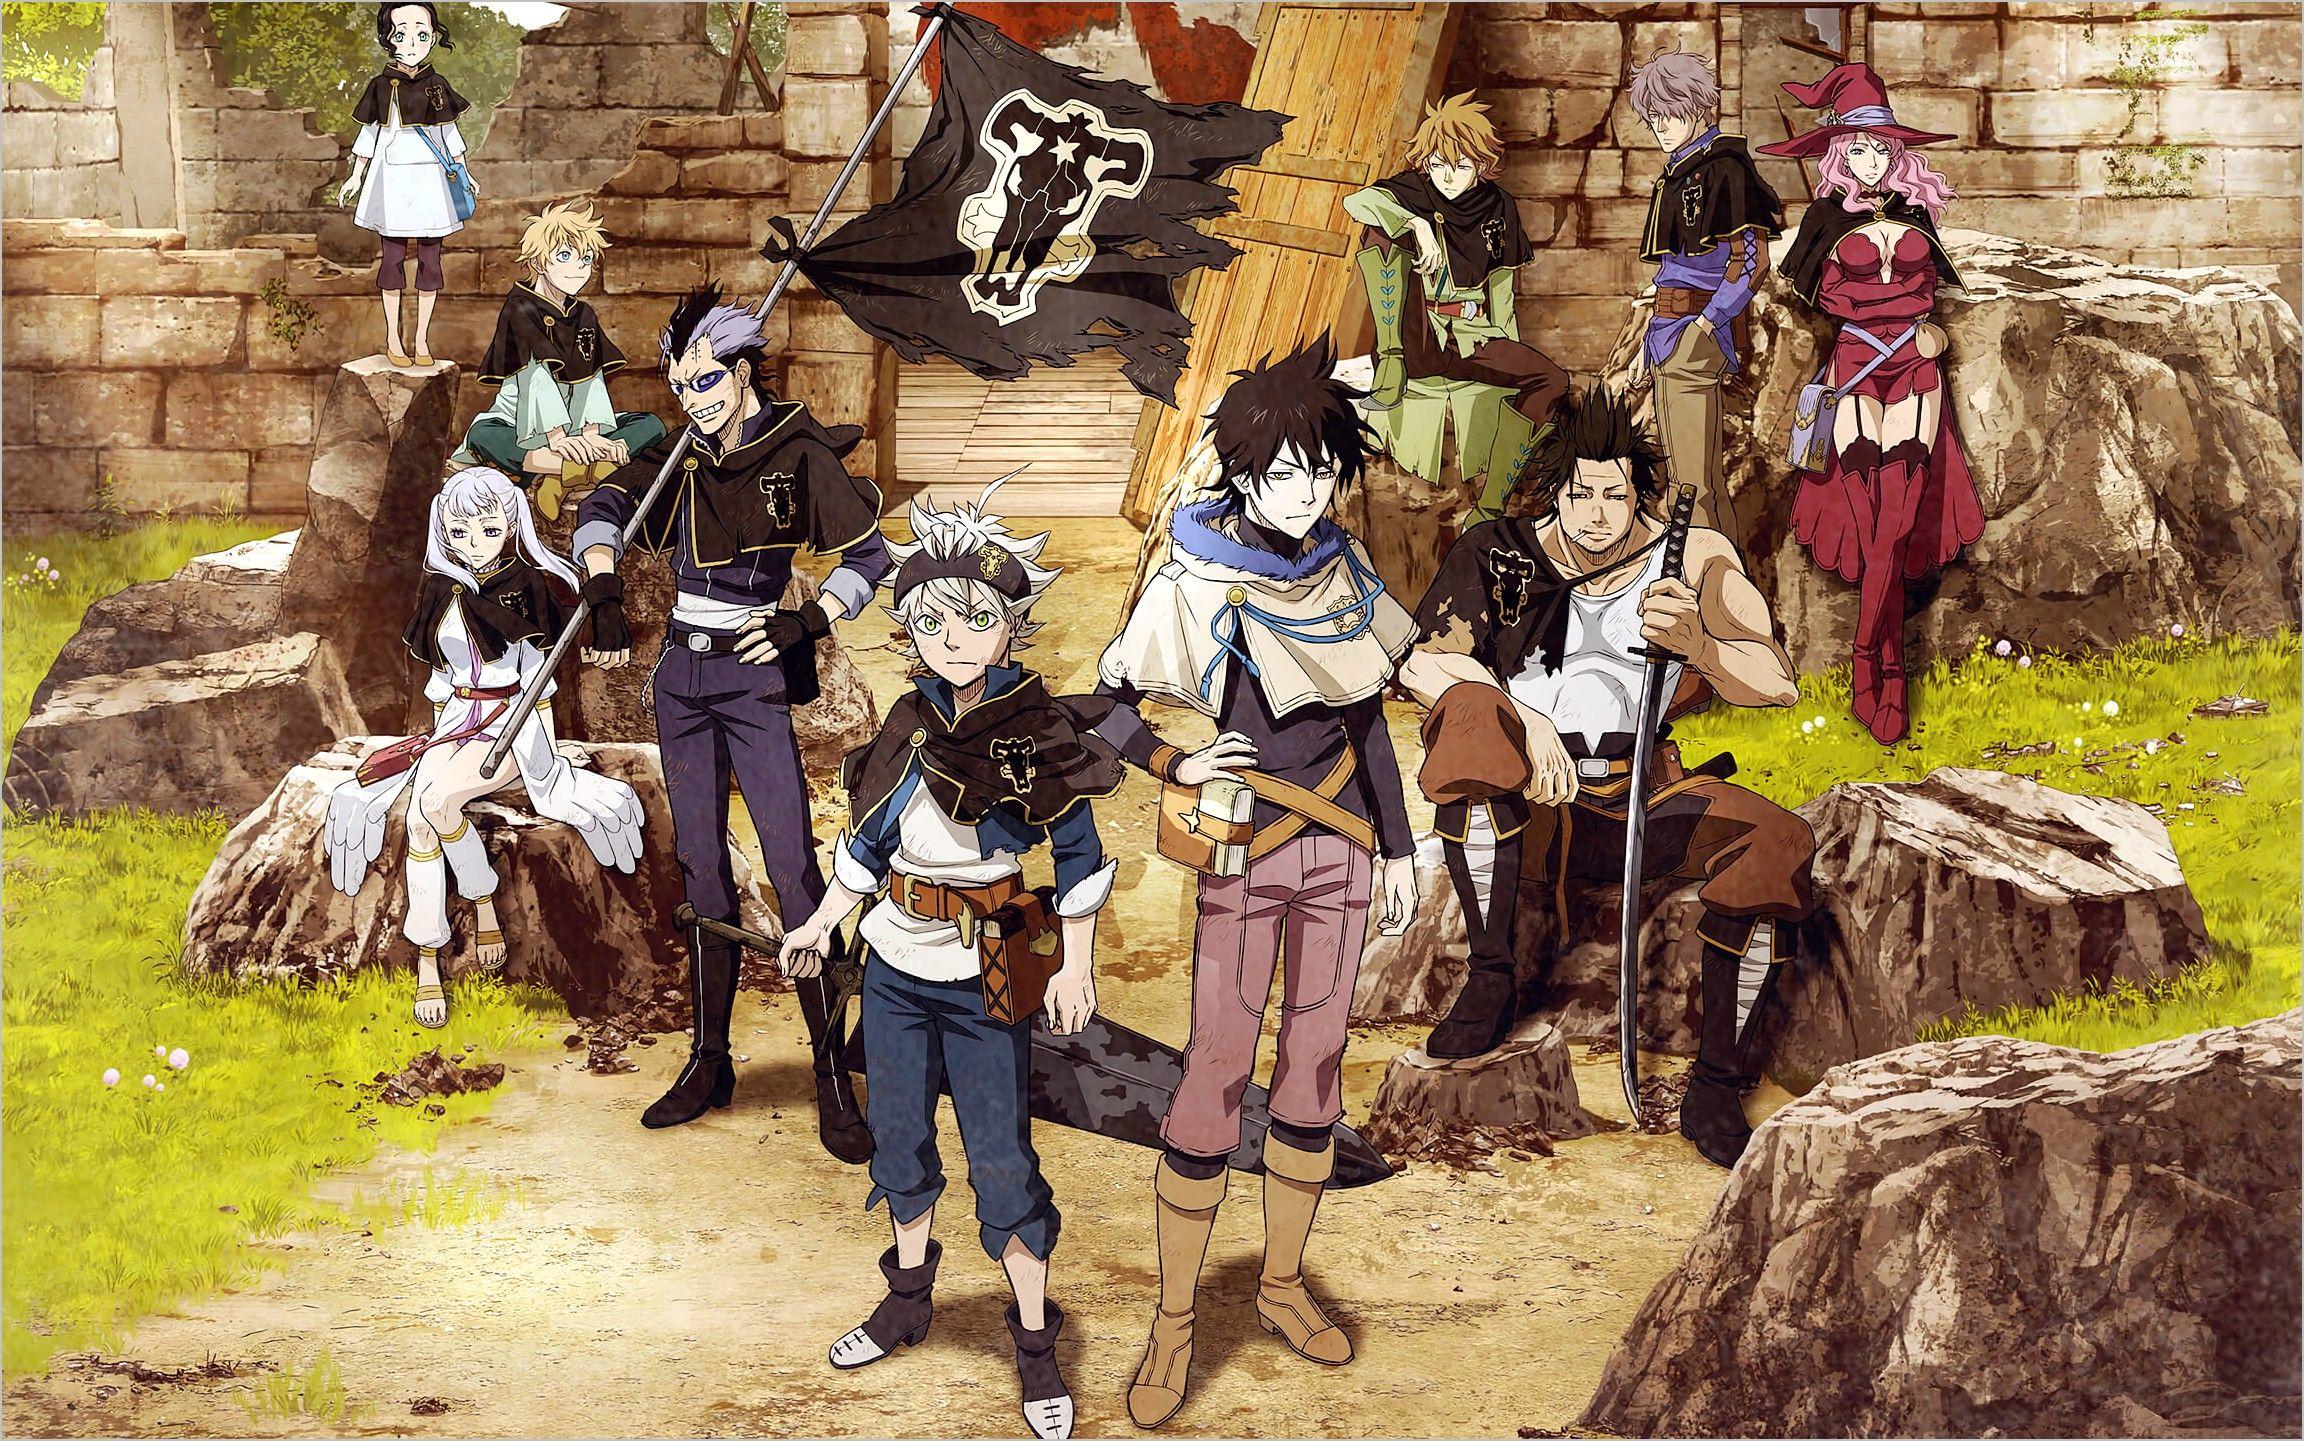 Zenon Black Clover Wallpaper 4k - Anime Wallpaper HD